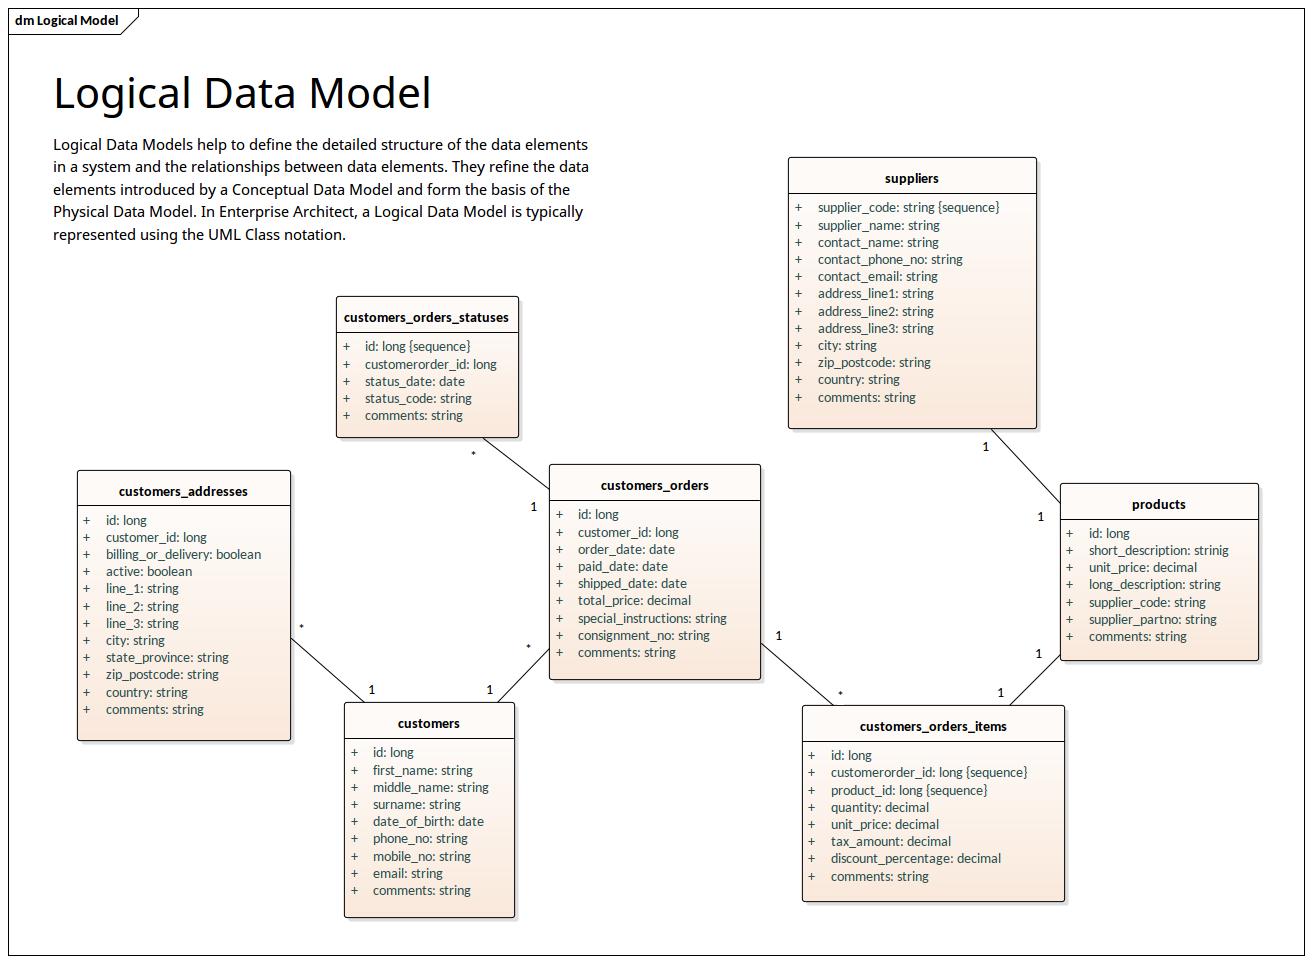 Uml Er Diagram Notation | ERModelExample.com